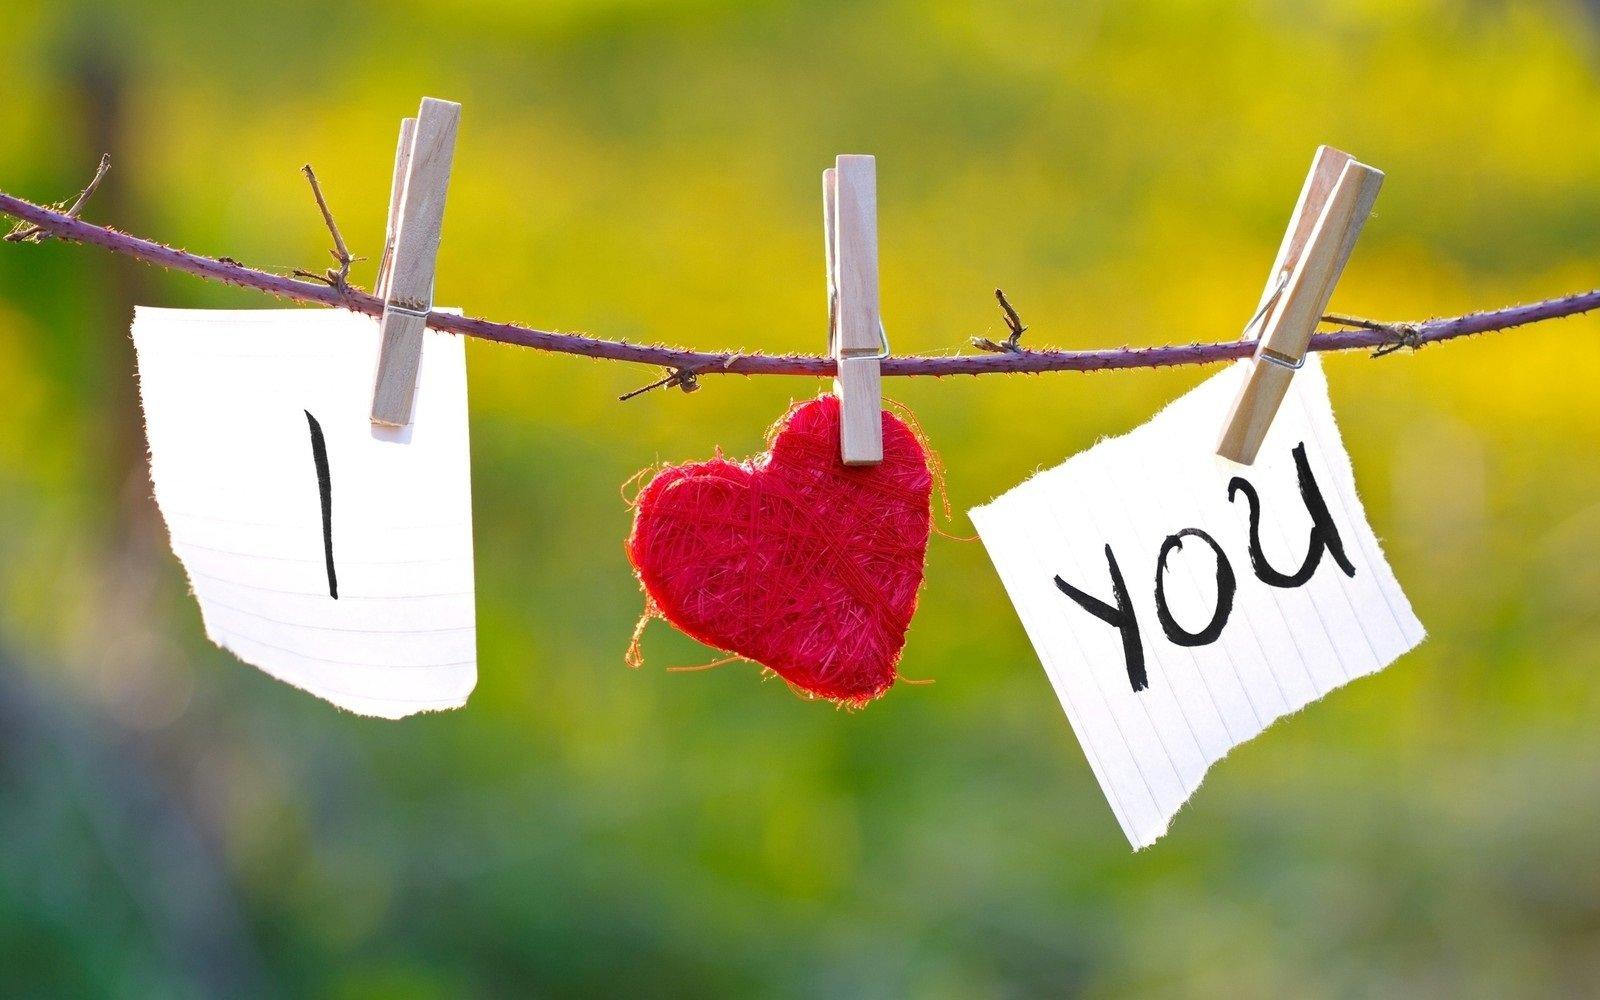 Червень 2020 стане місяцем кохання і романтики для трьох знаків Зодіаку